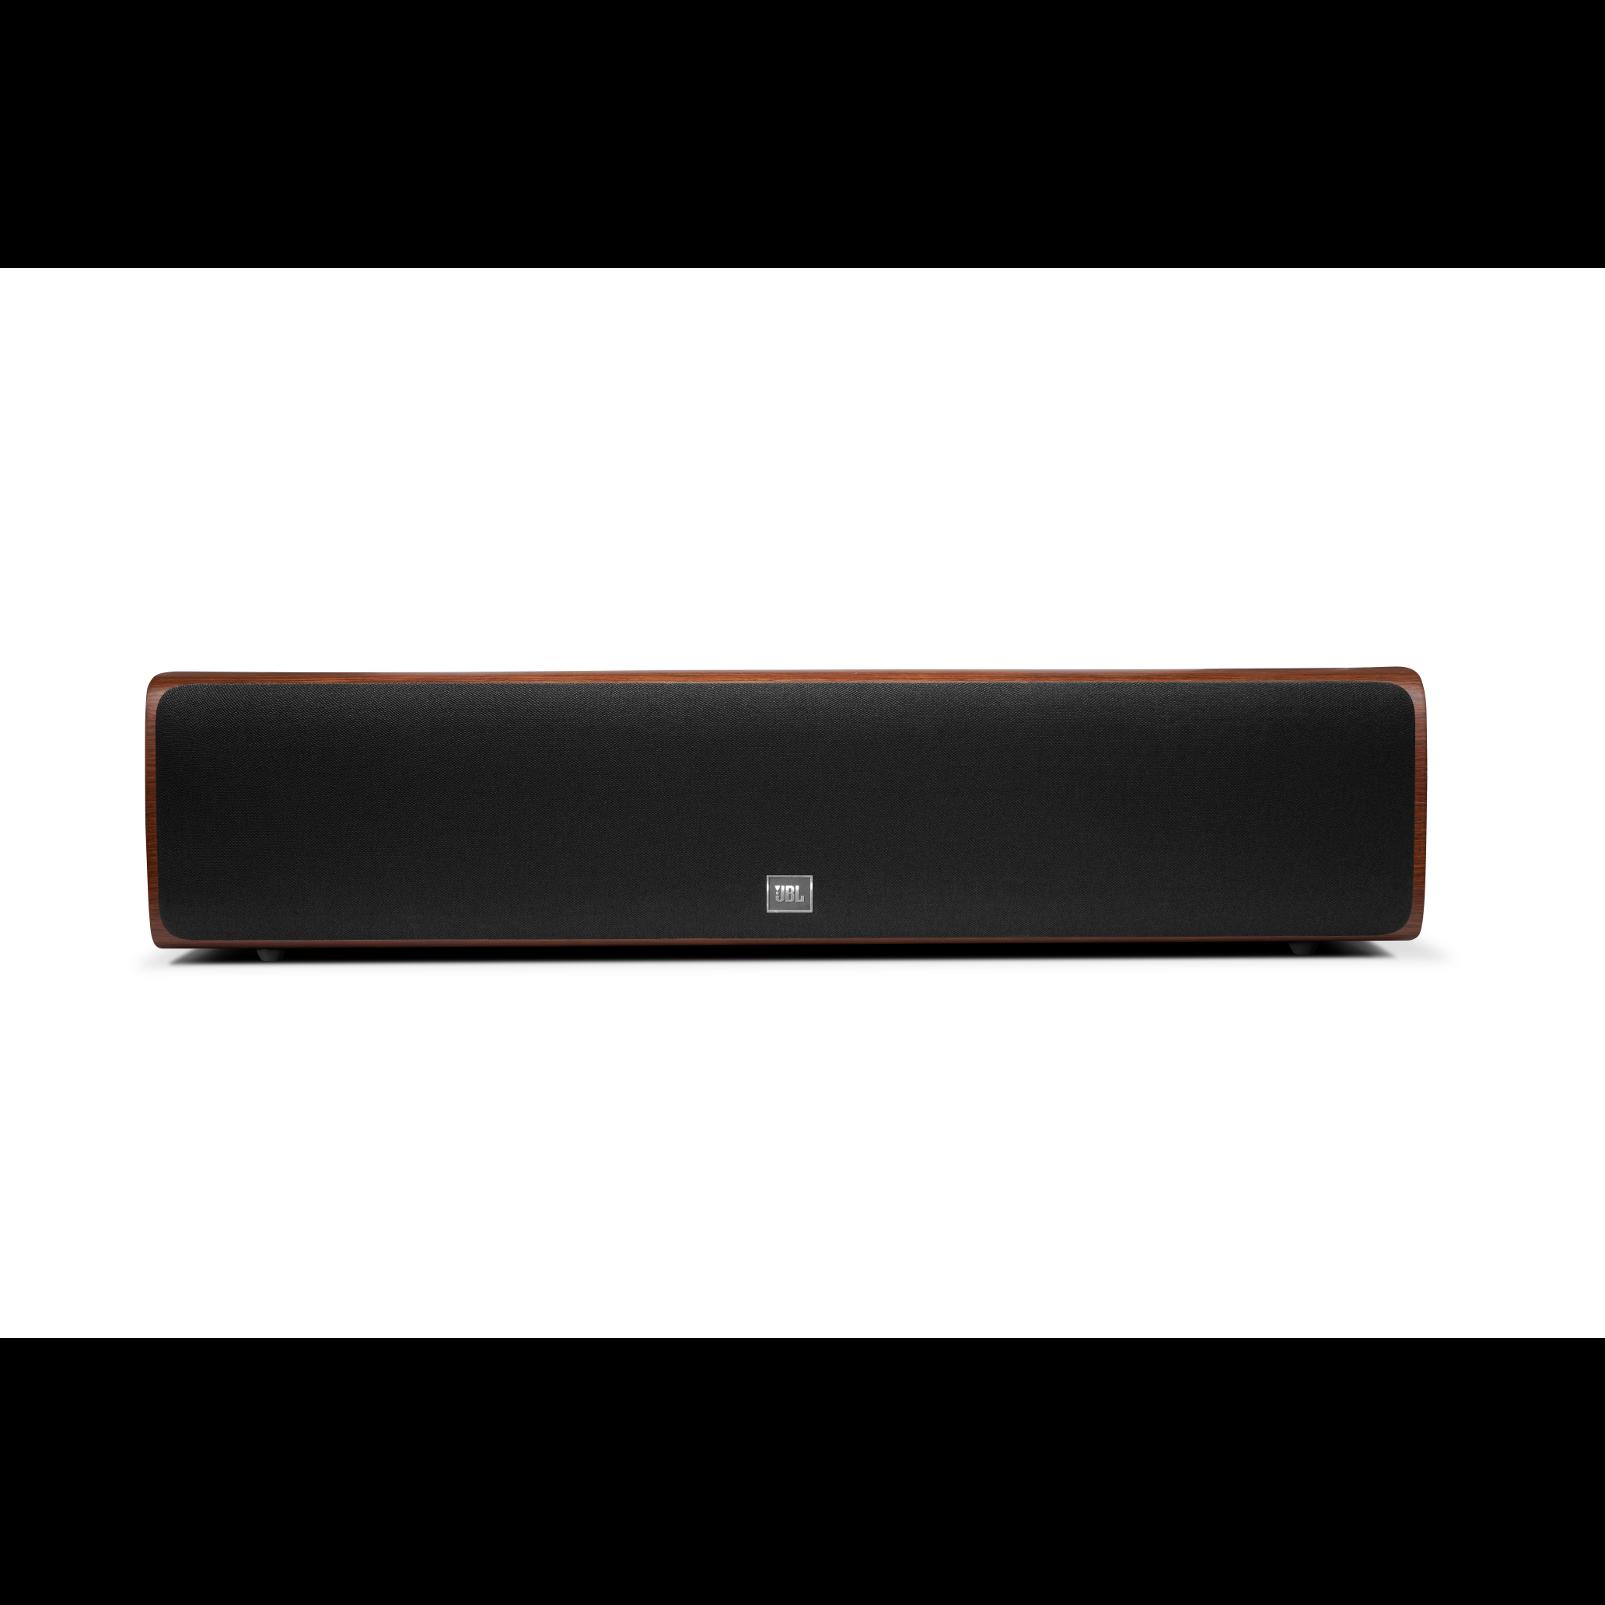 HDI-4500 - Walnut - 2 ½-way Quadruple 5.25-inch (130mm) Center Channel Loudspeaker - Front